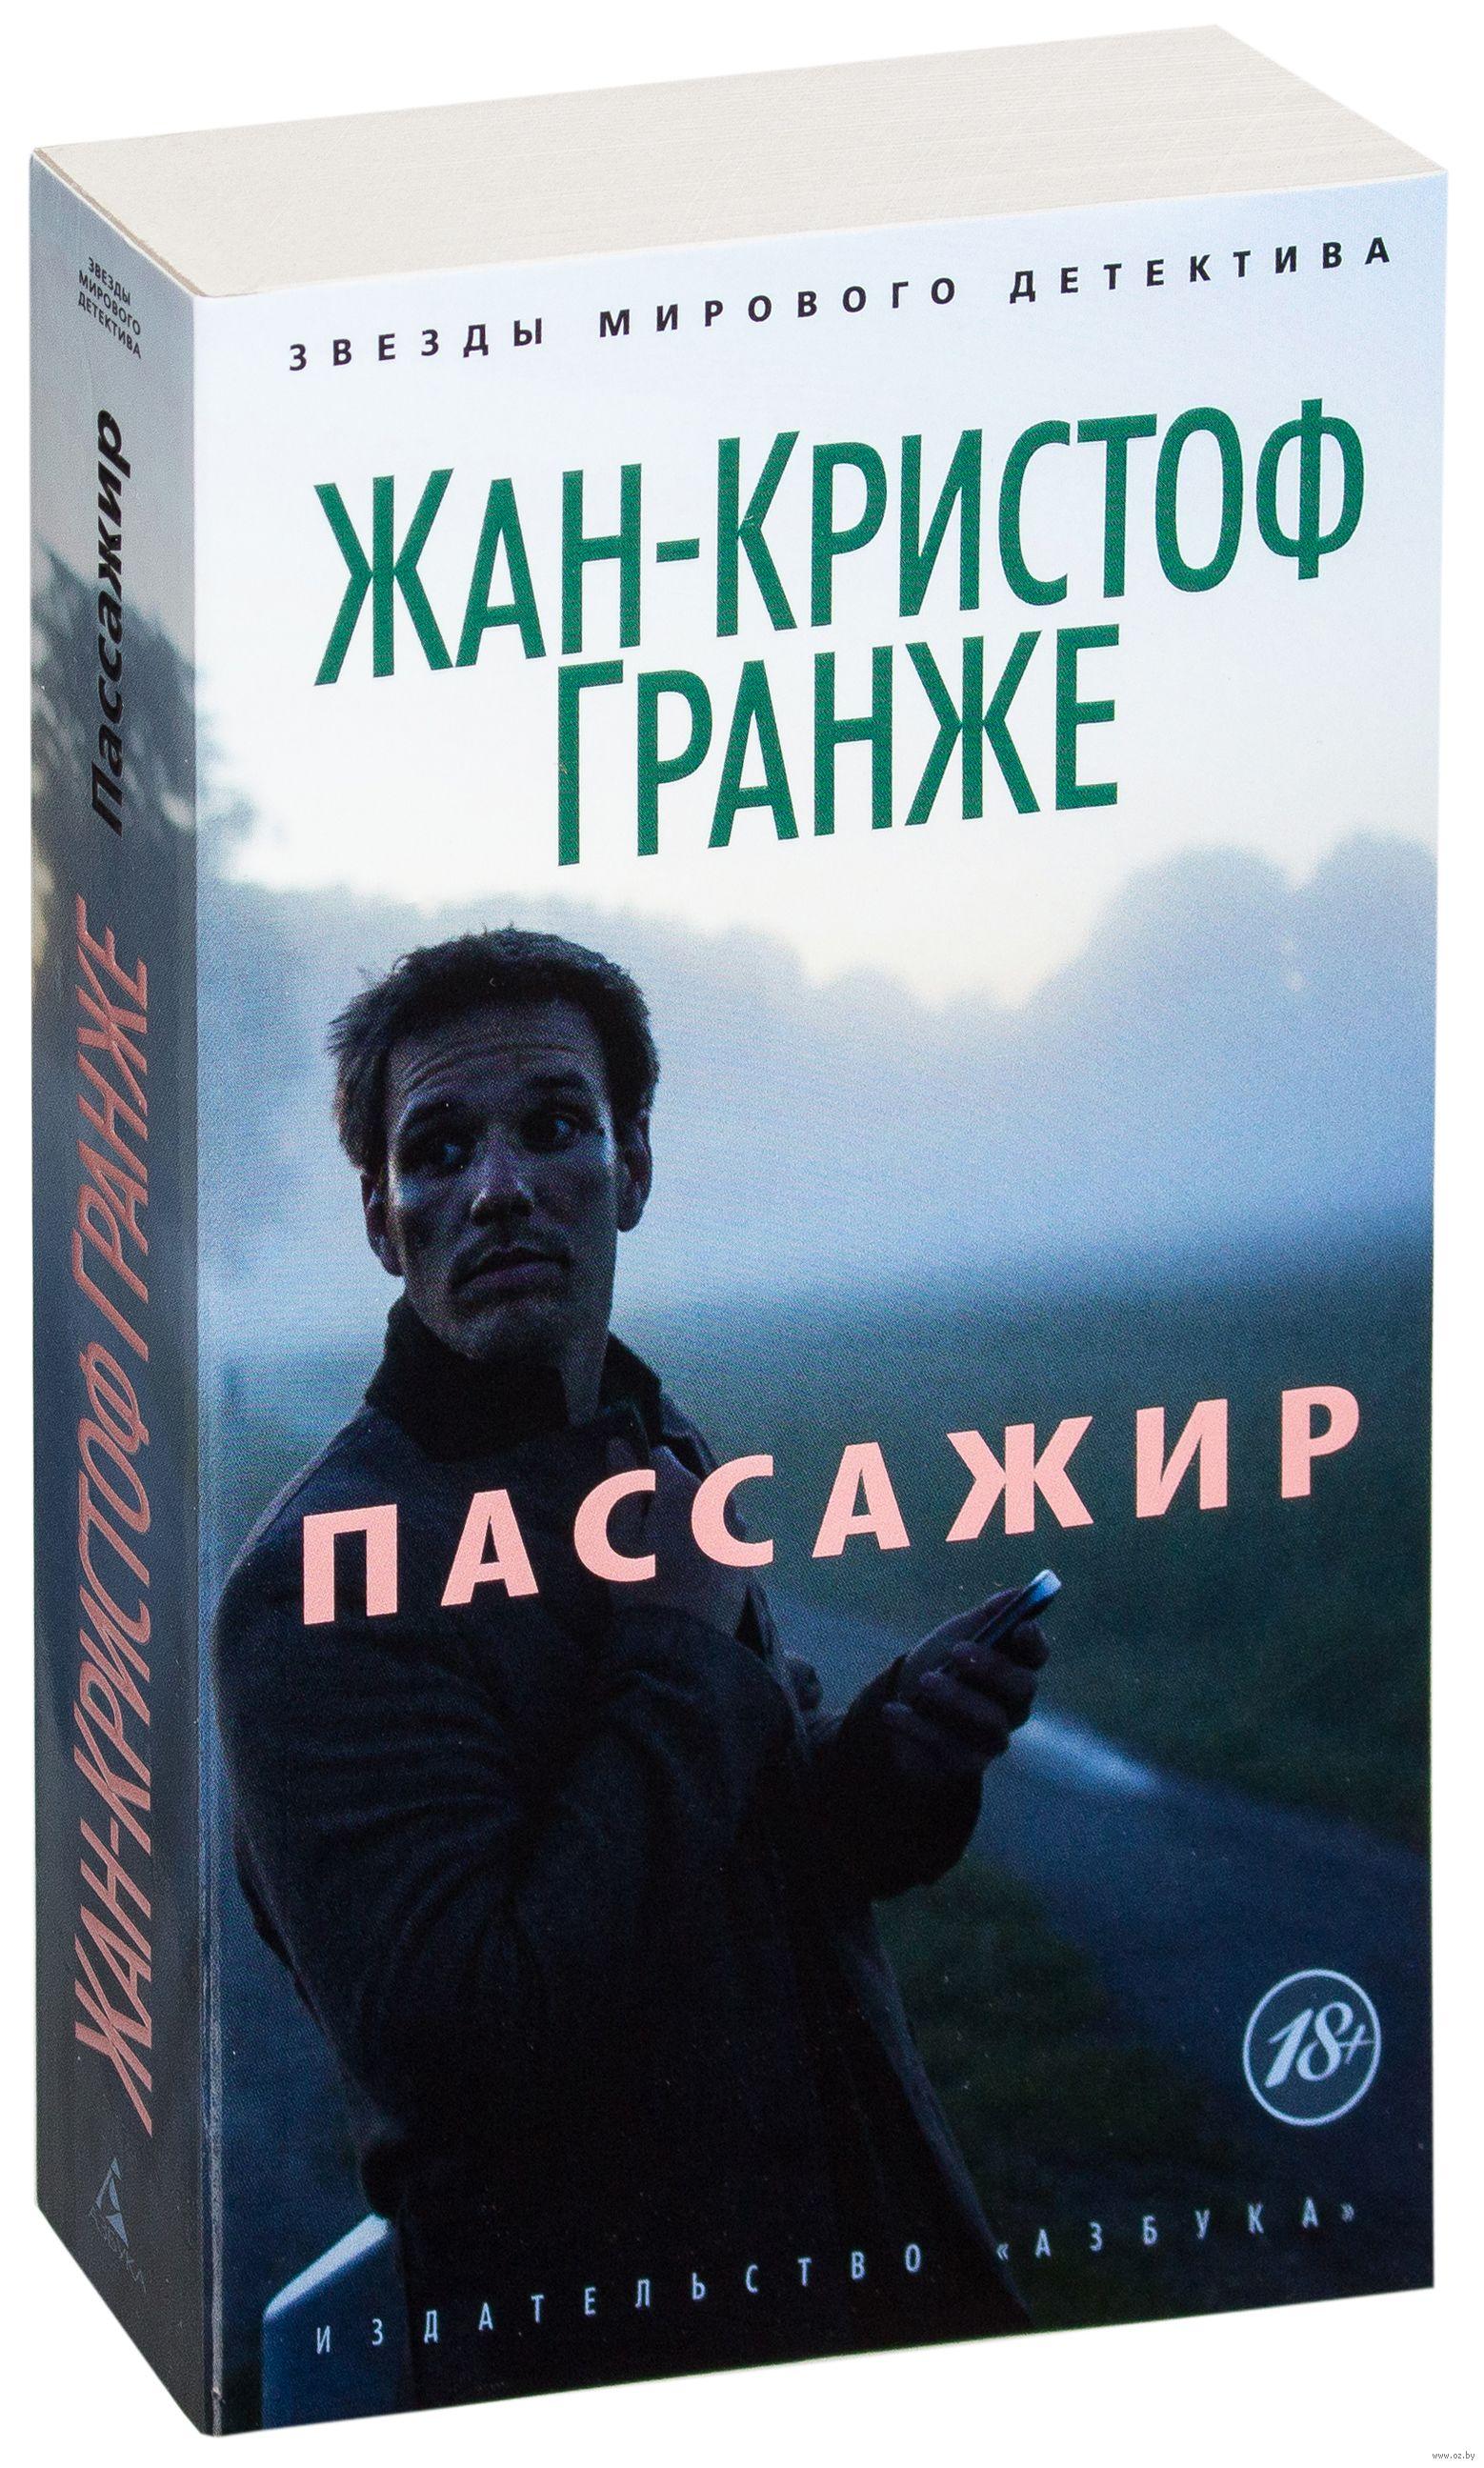 ПАССАЖИР ЖАН КРИСТОФ ГРАНЖЕ СКАЧАТЬ БЕСПЛАТНО